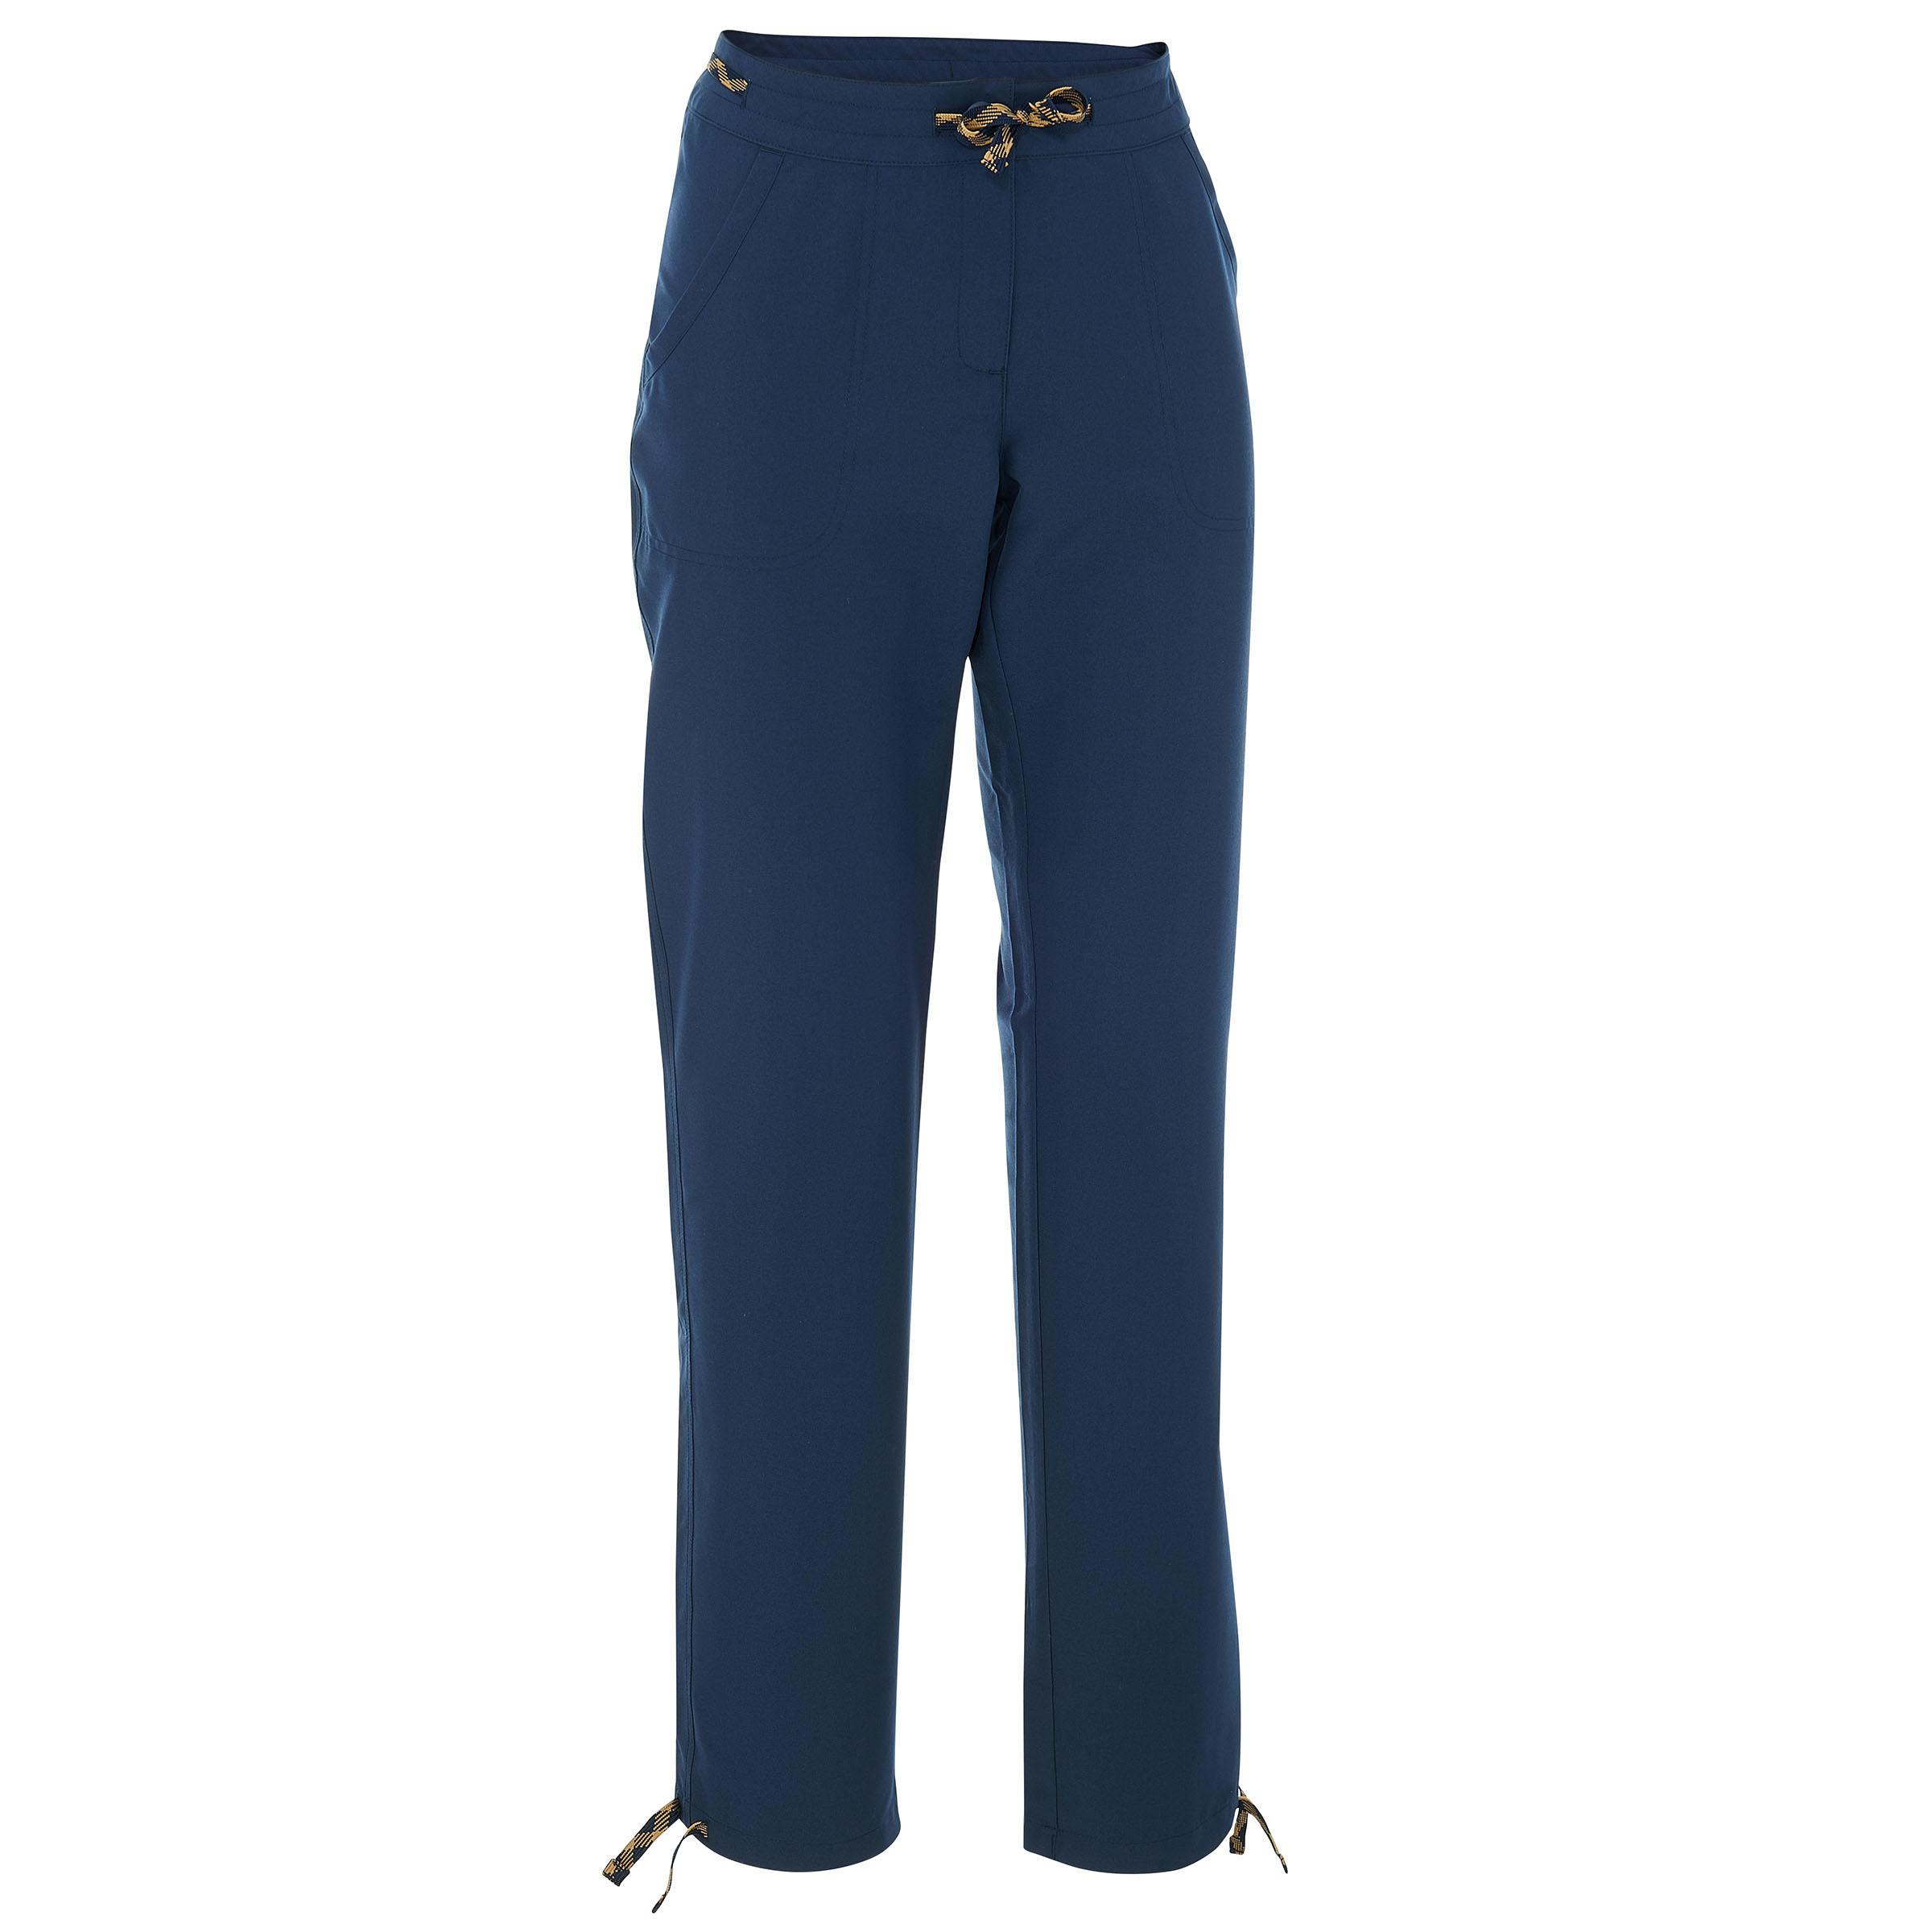 Pantalón de campamento dama Arpenaz 50 azul marino